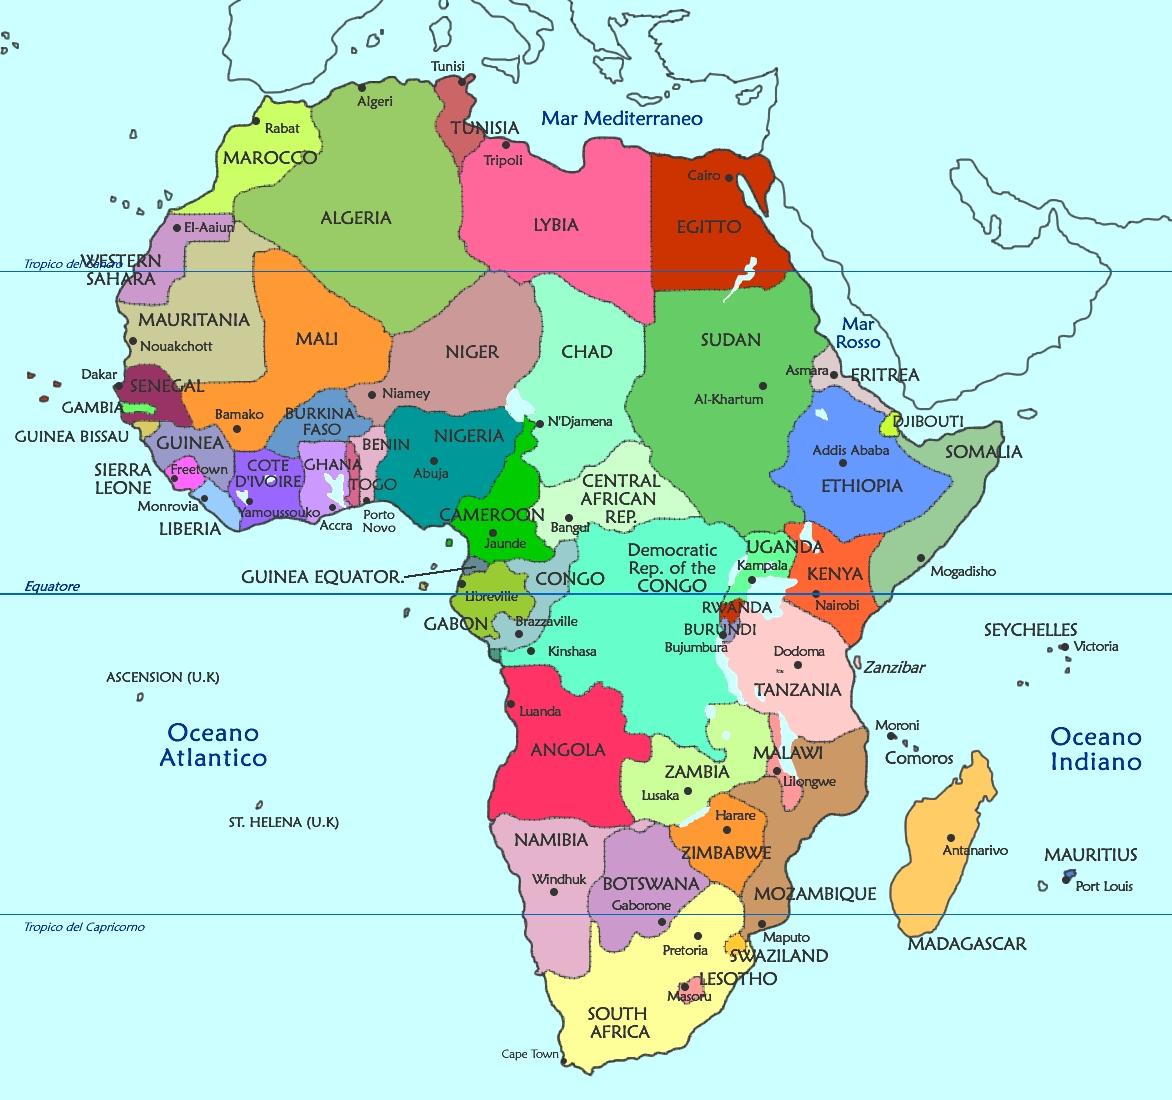 Mappa politica dell'Africa